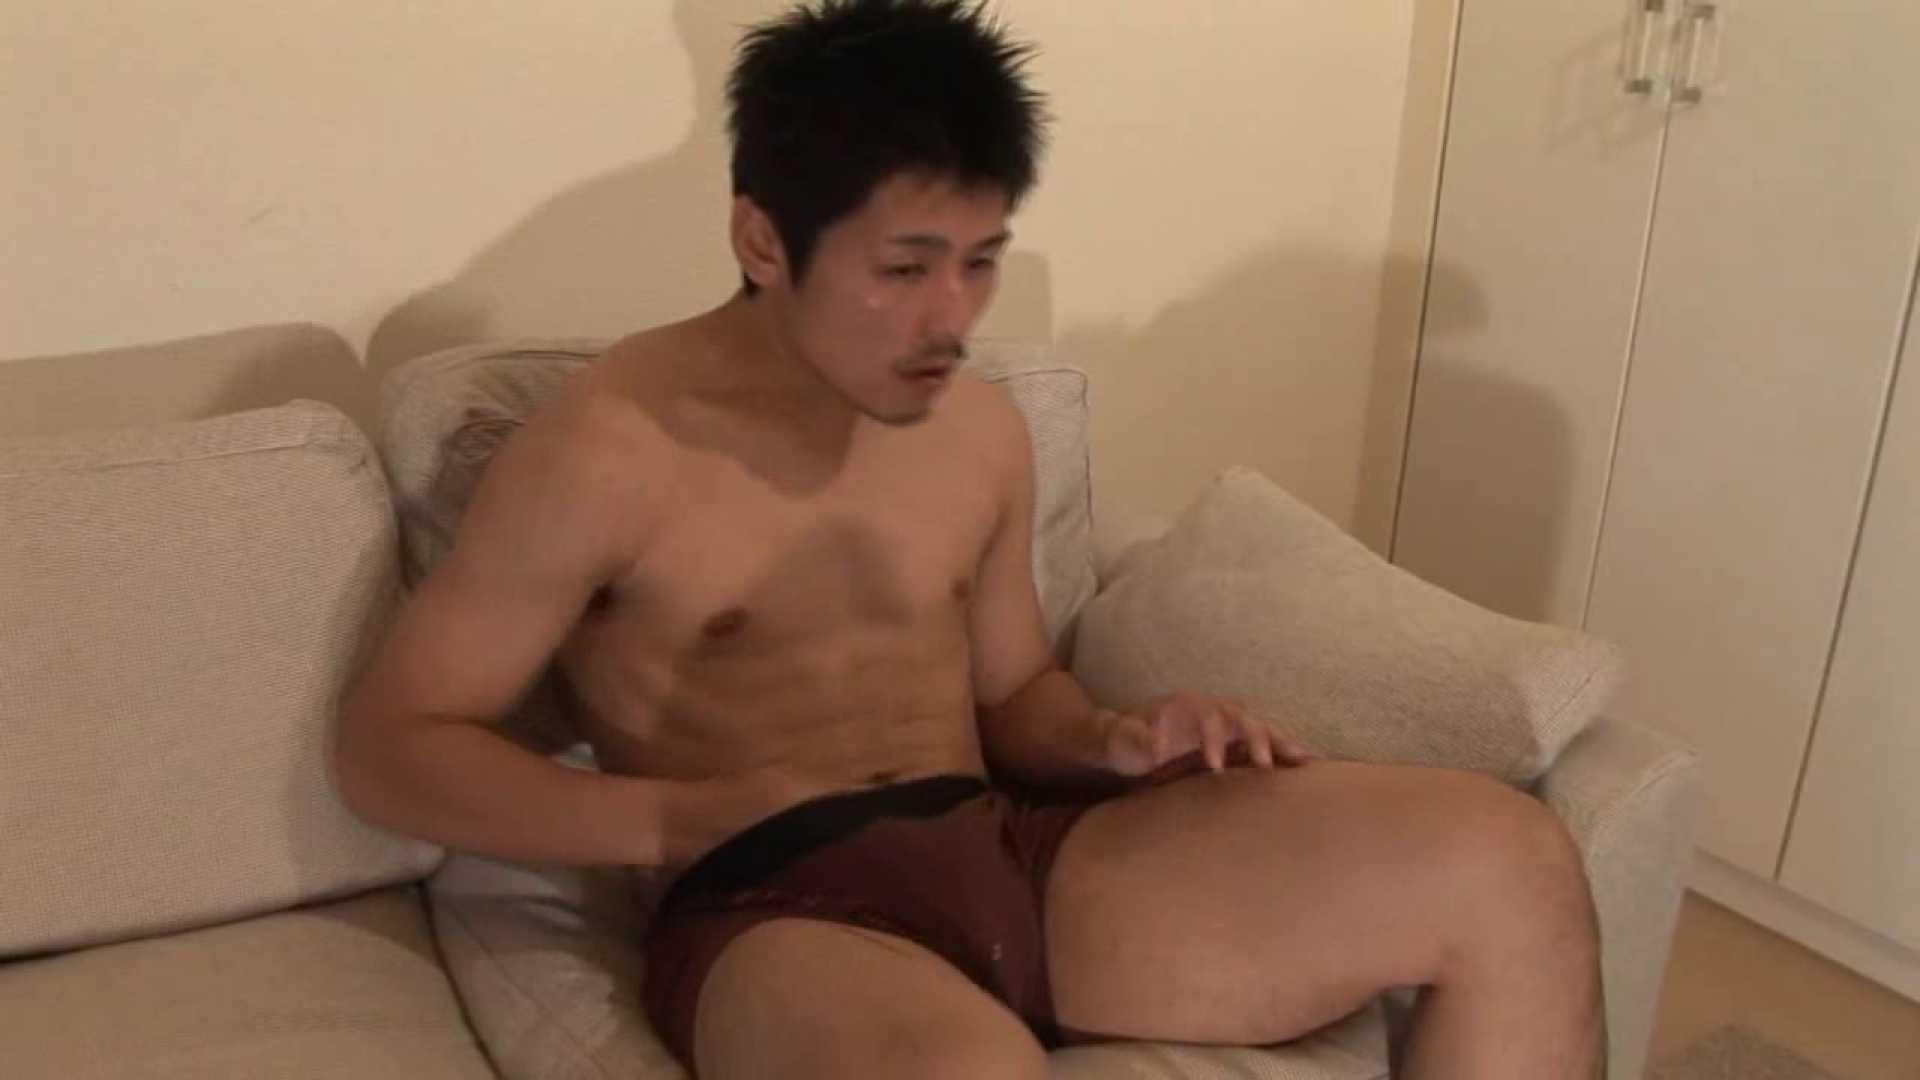 オラオラ系兄貴の飛ばしてなんぼ!! ガチムチマッチョ系男子  91枚 42